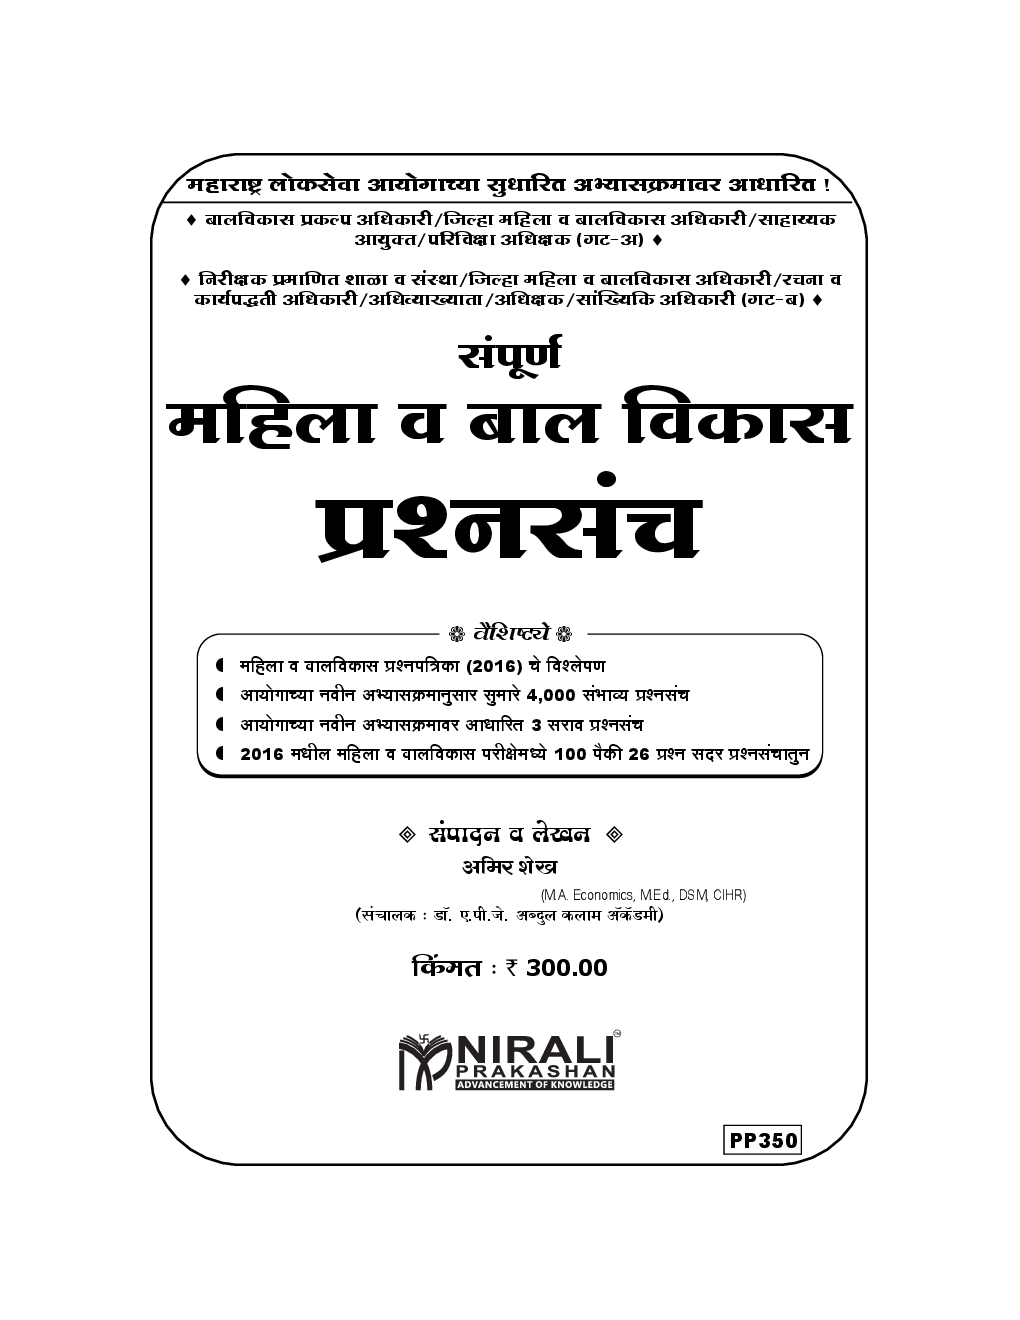 संपूर्ण महिला आणि बालविकास प्रश्नसंच (In Marathi) - Page 2